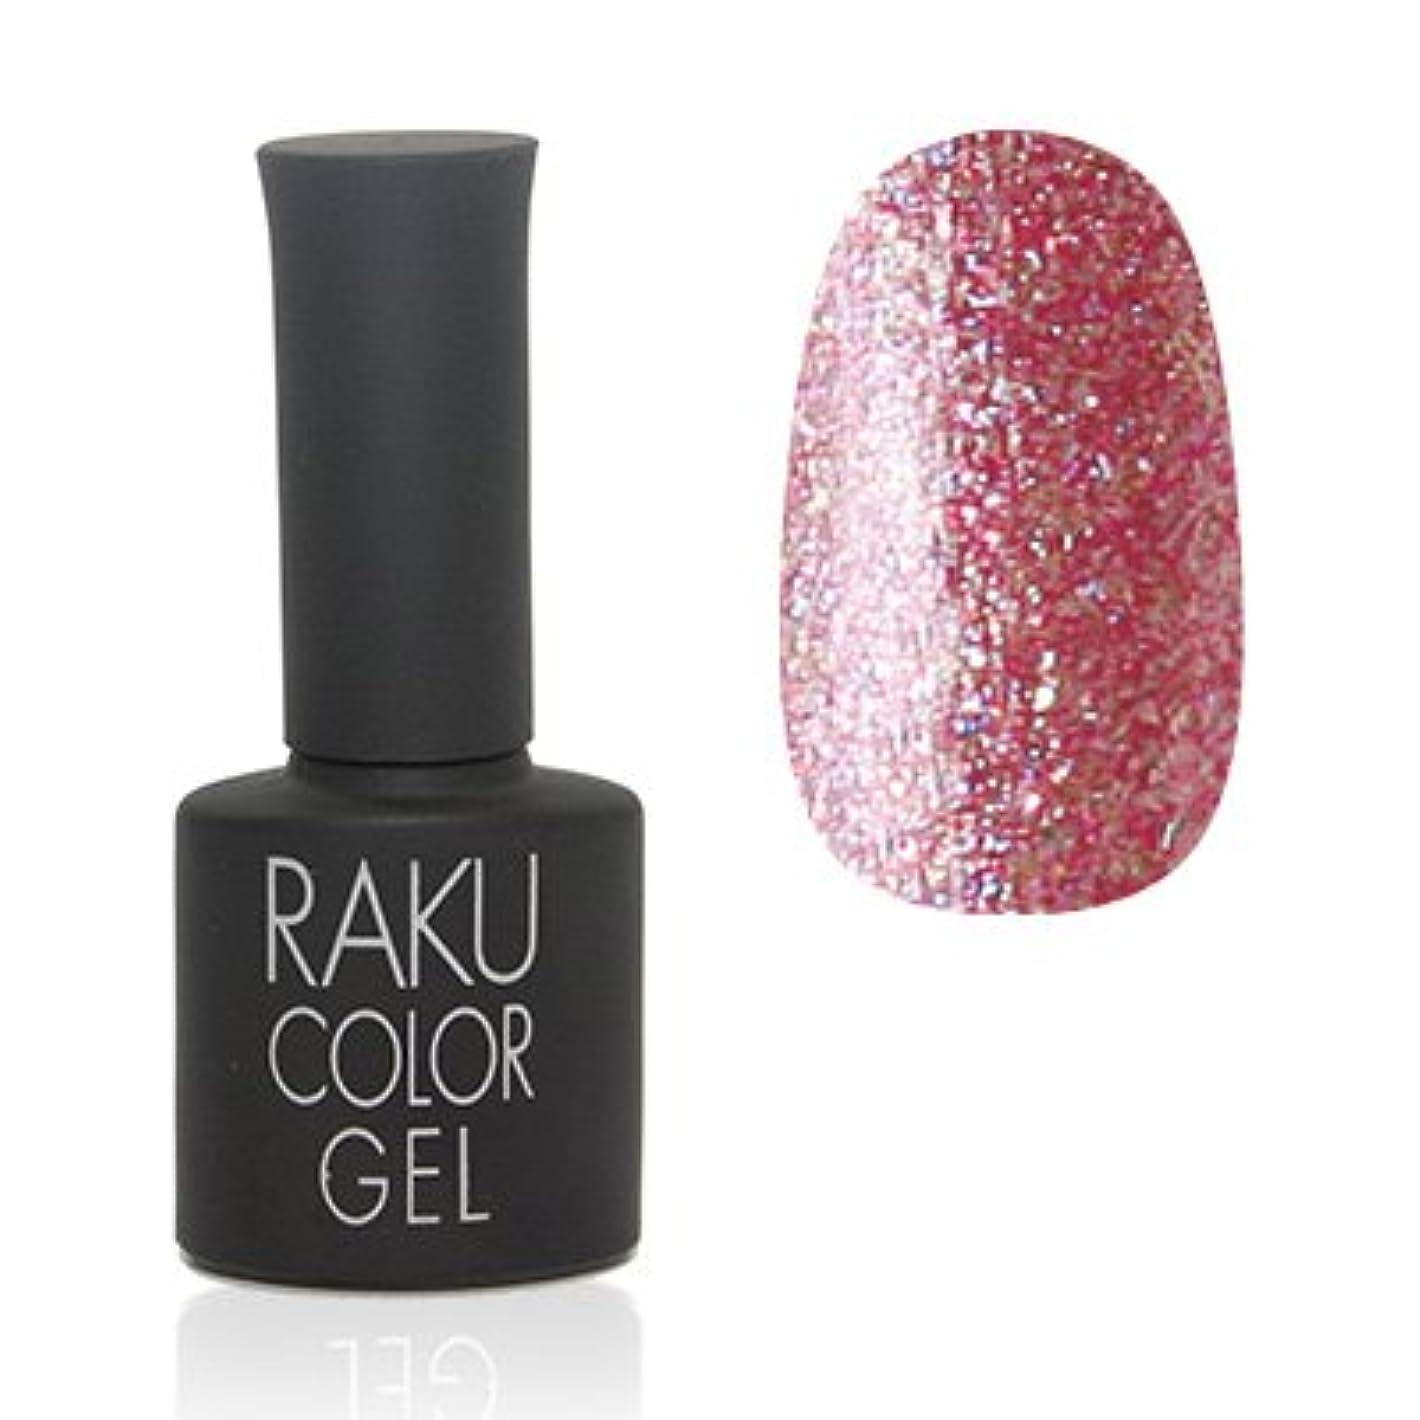 ポジティブ増加する野ウサギラク カラージェル(44-ピンクダイヤモンド)8g 今話題のラクジェル 素早く仕上カラージェル 抜群の発色とツヤ 国産ポリッシュタイプ オールインワン ワンステップジェルネイル RAKU COLOR GEL #44